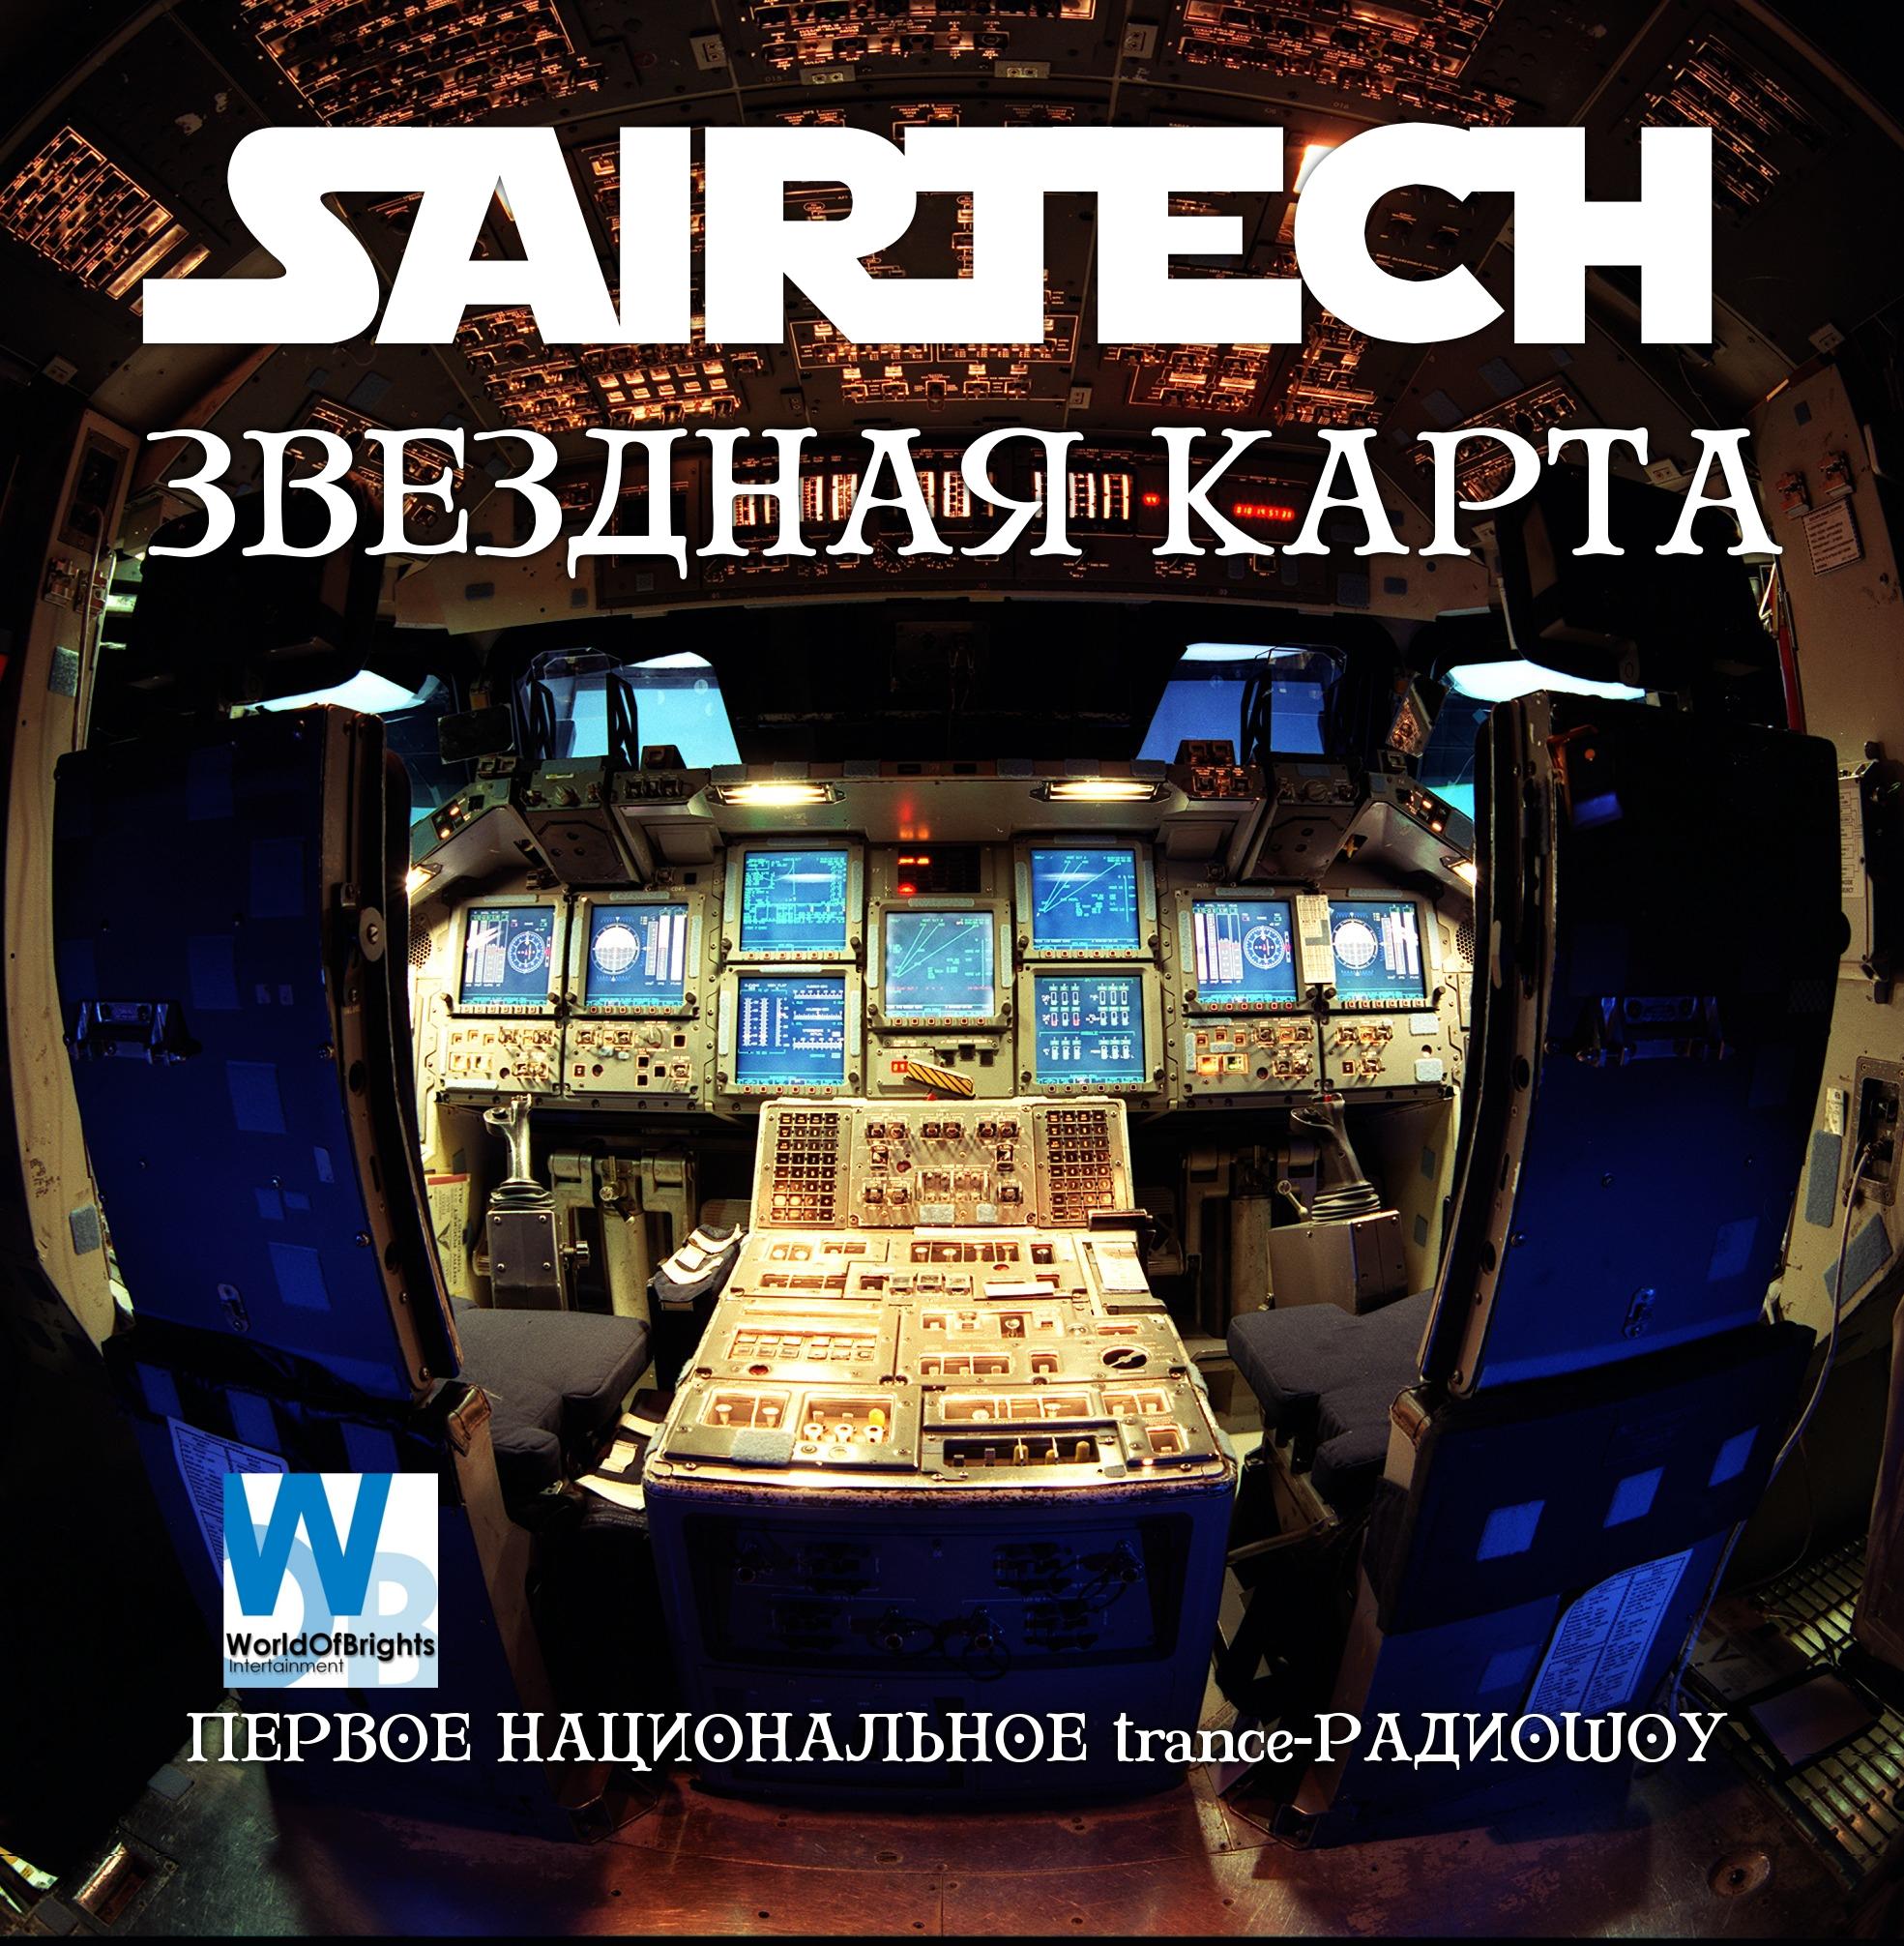 Sairtech - Звездная карта #64 (25.09.2015) - Первое национальное trance-радиошоу ()